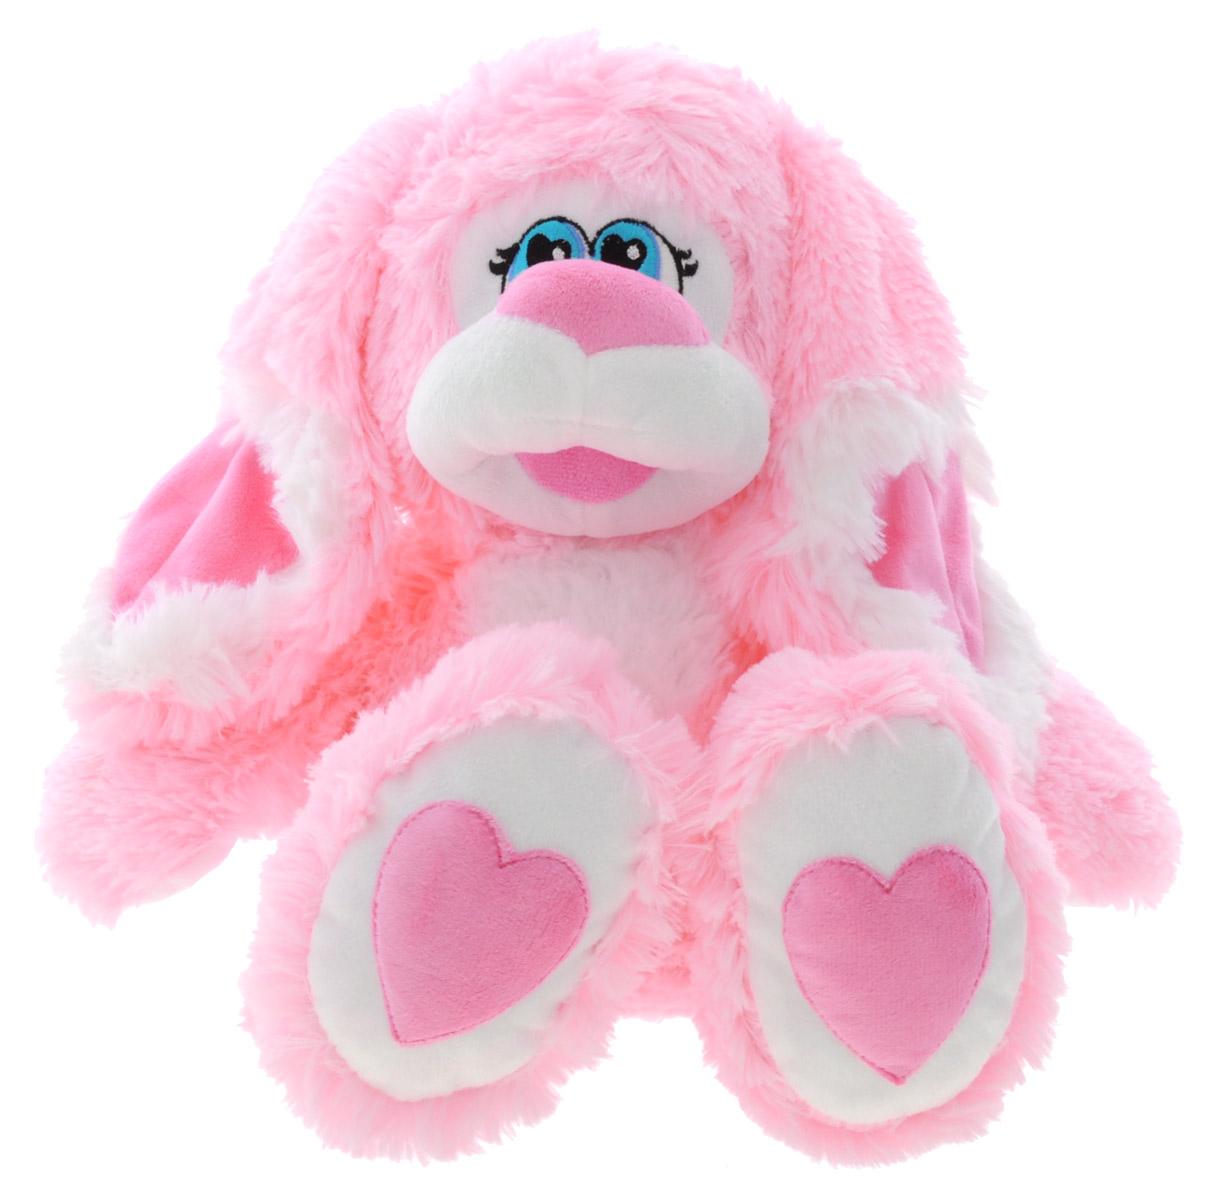 СмолТойс Мягкая игрушка Зайчик 26 см малышарики мягкая игрушка собака бассет хаунд 23 см